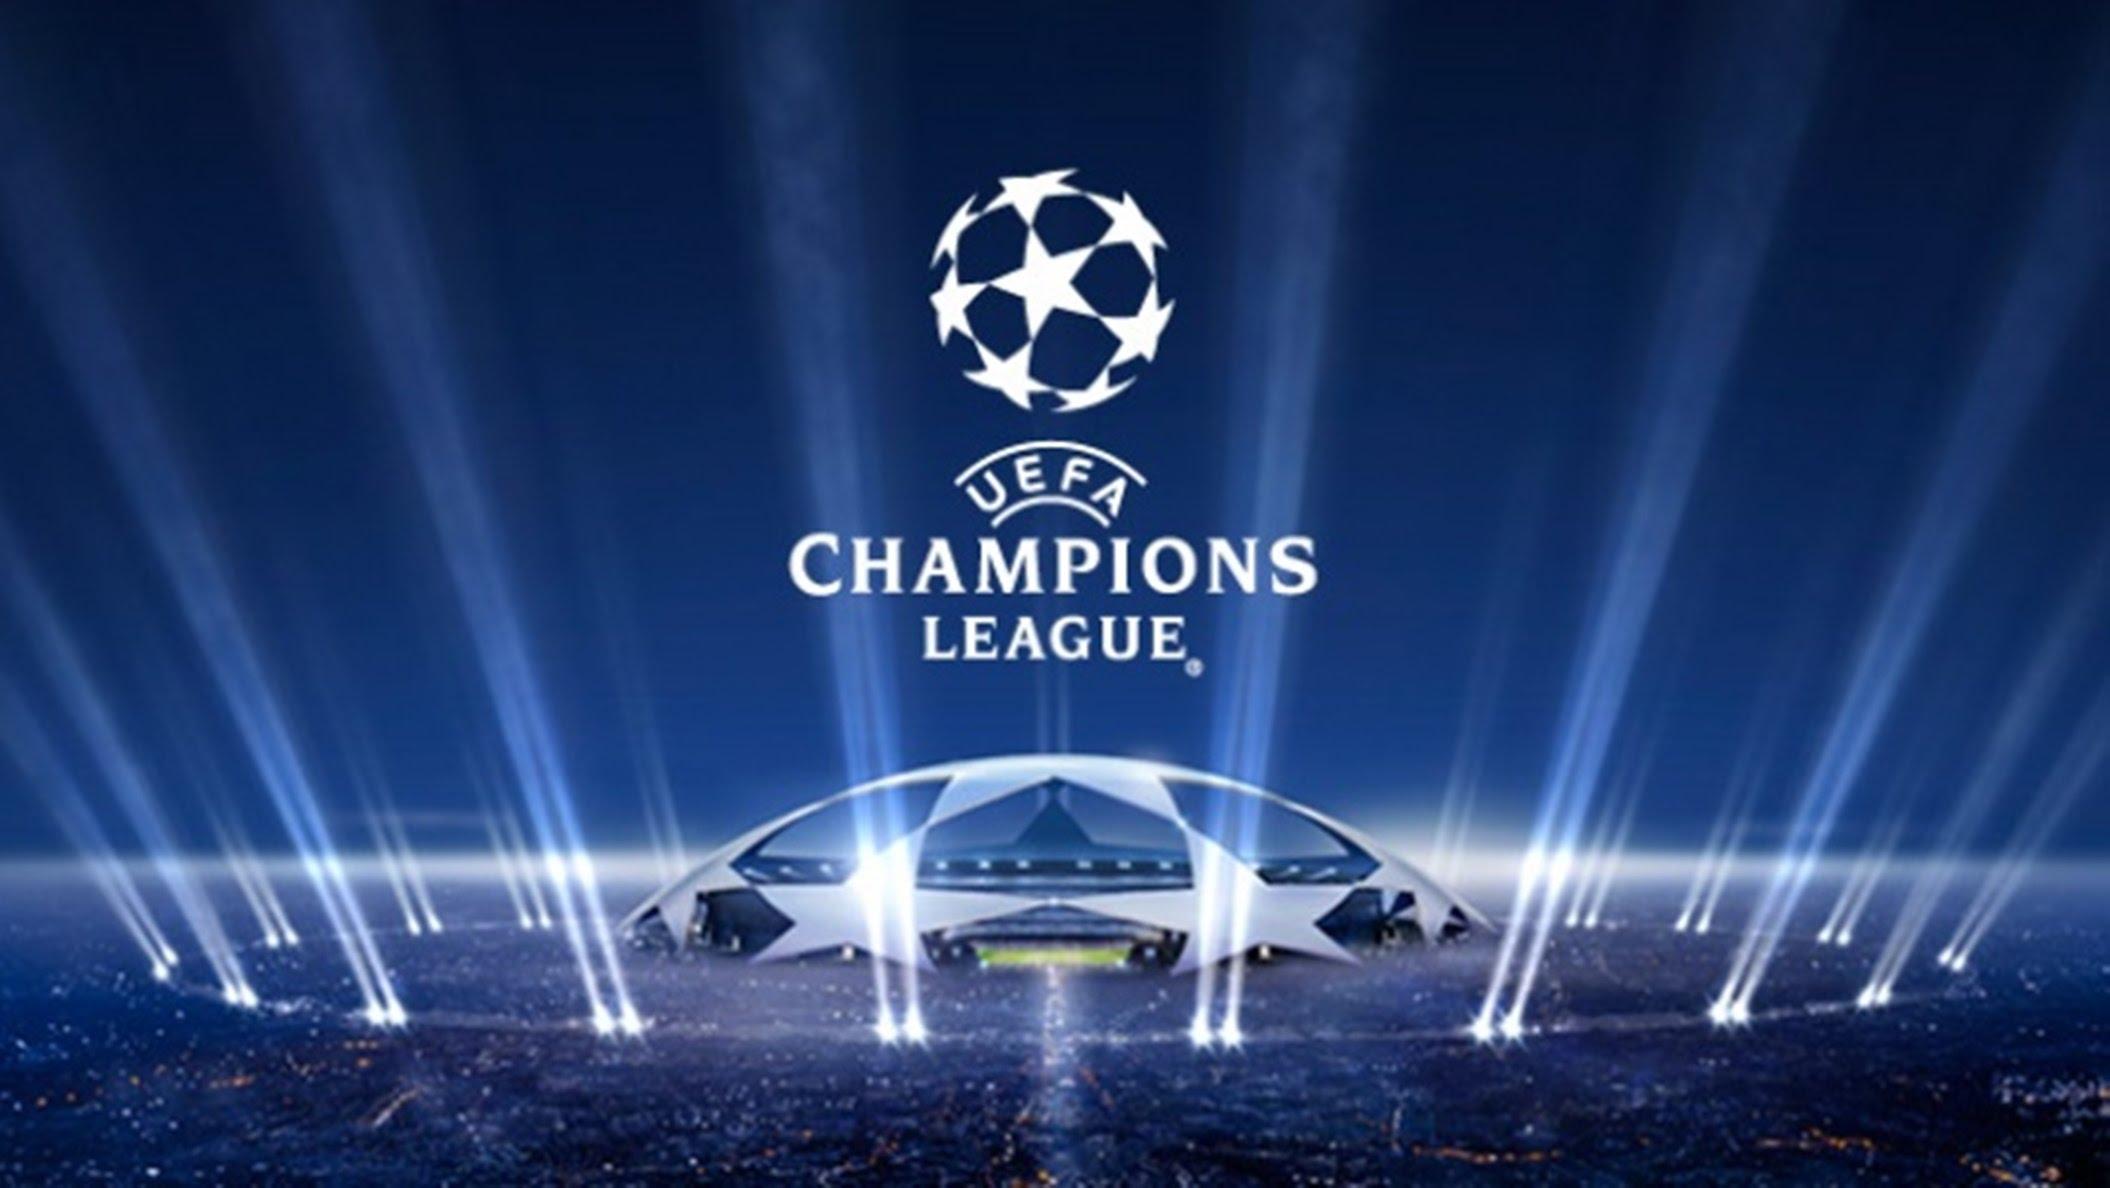 Οι αντίπαλοι του ΠΑΟ στα προκριματικά του Champions League